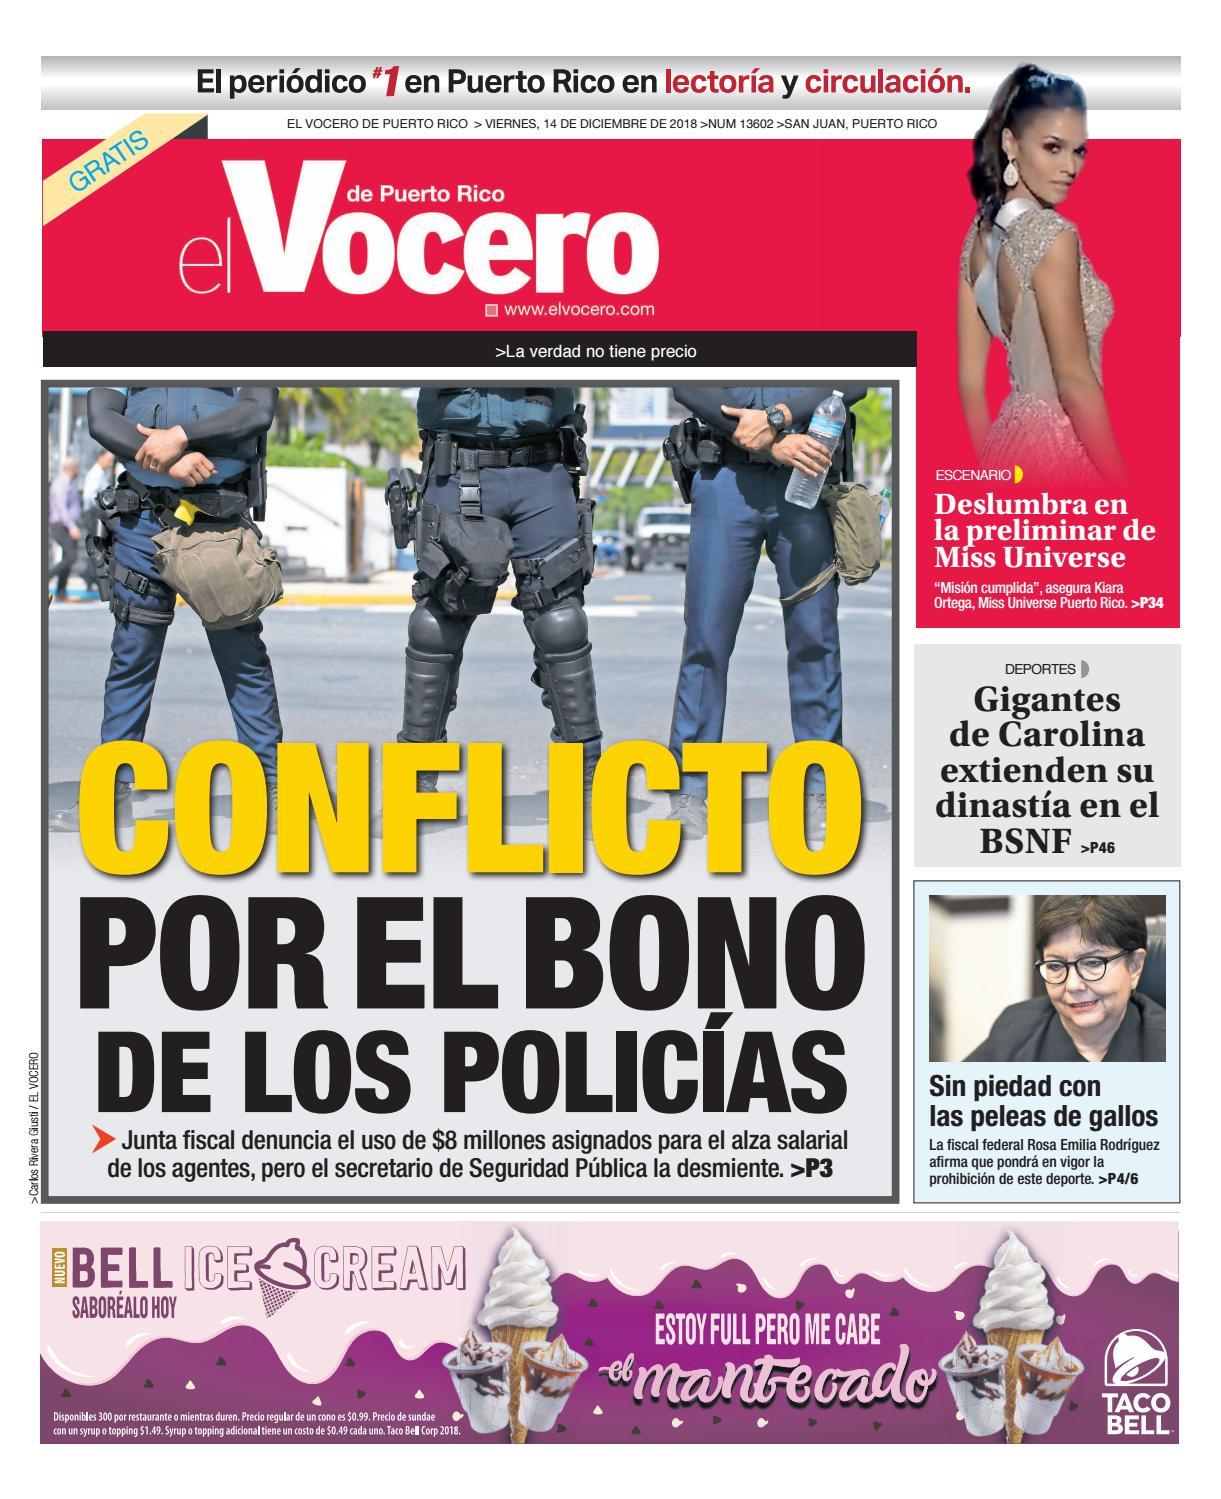 8a23bc2f0 Edición  14 de diciembre de 2018 by El Vocero de Puerto Rico - issuu